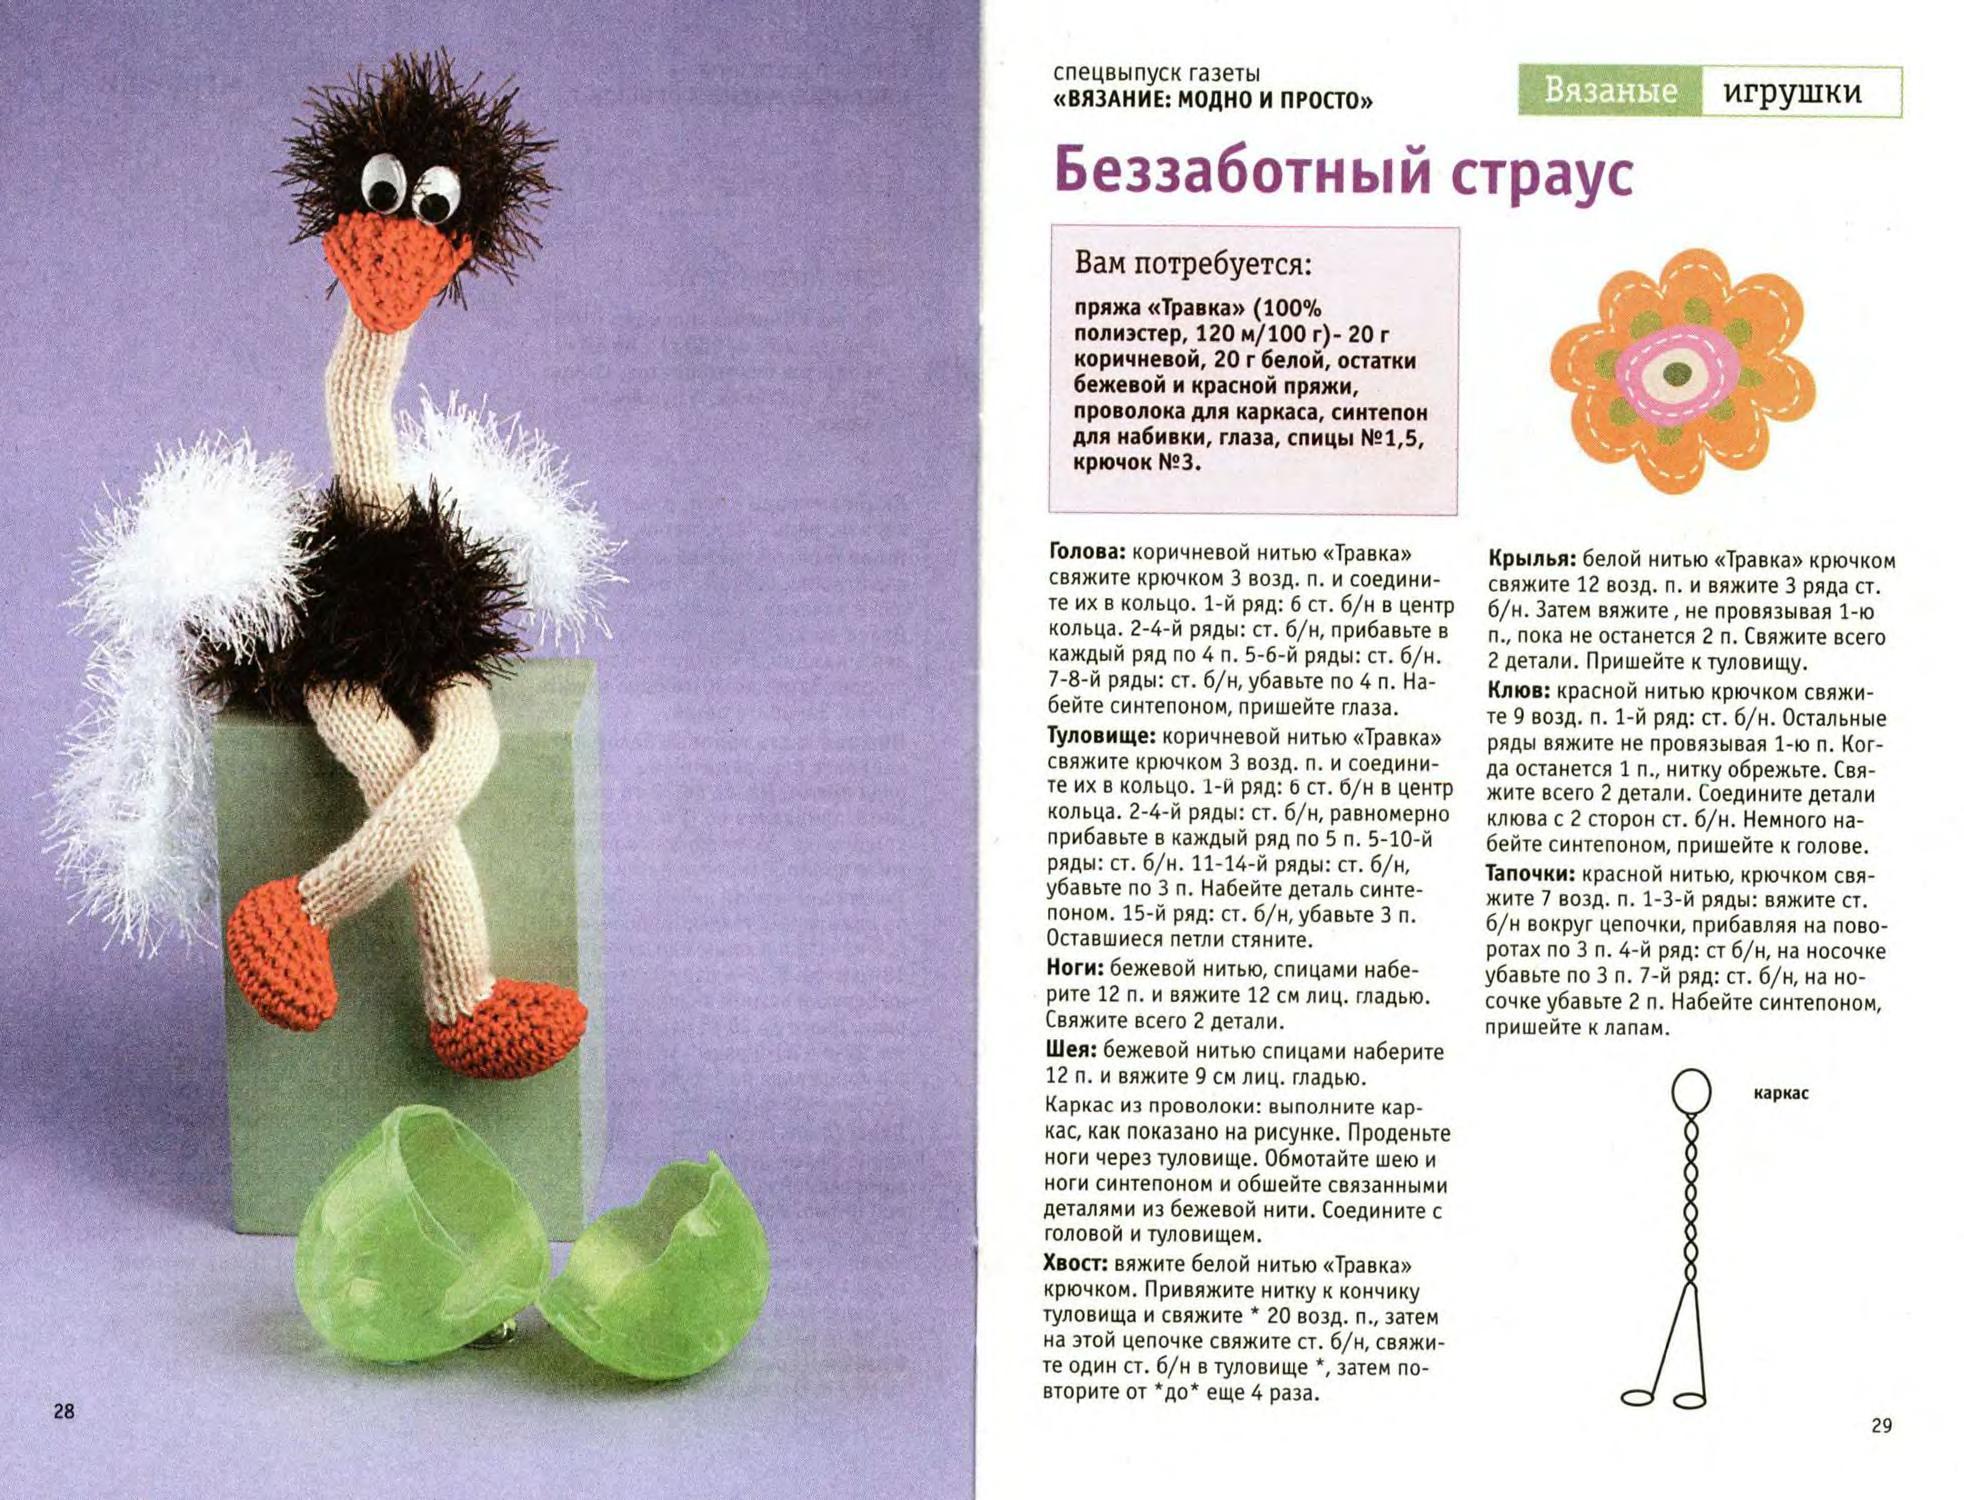 Вязаные игрушки крючком спицами со схемами и описанием